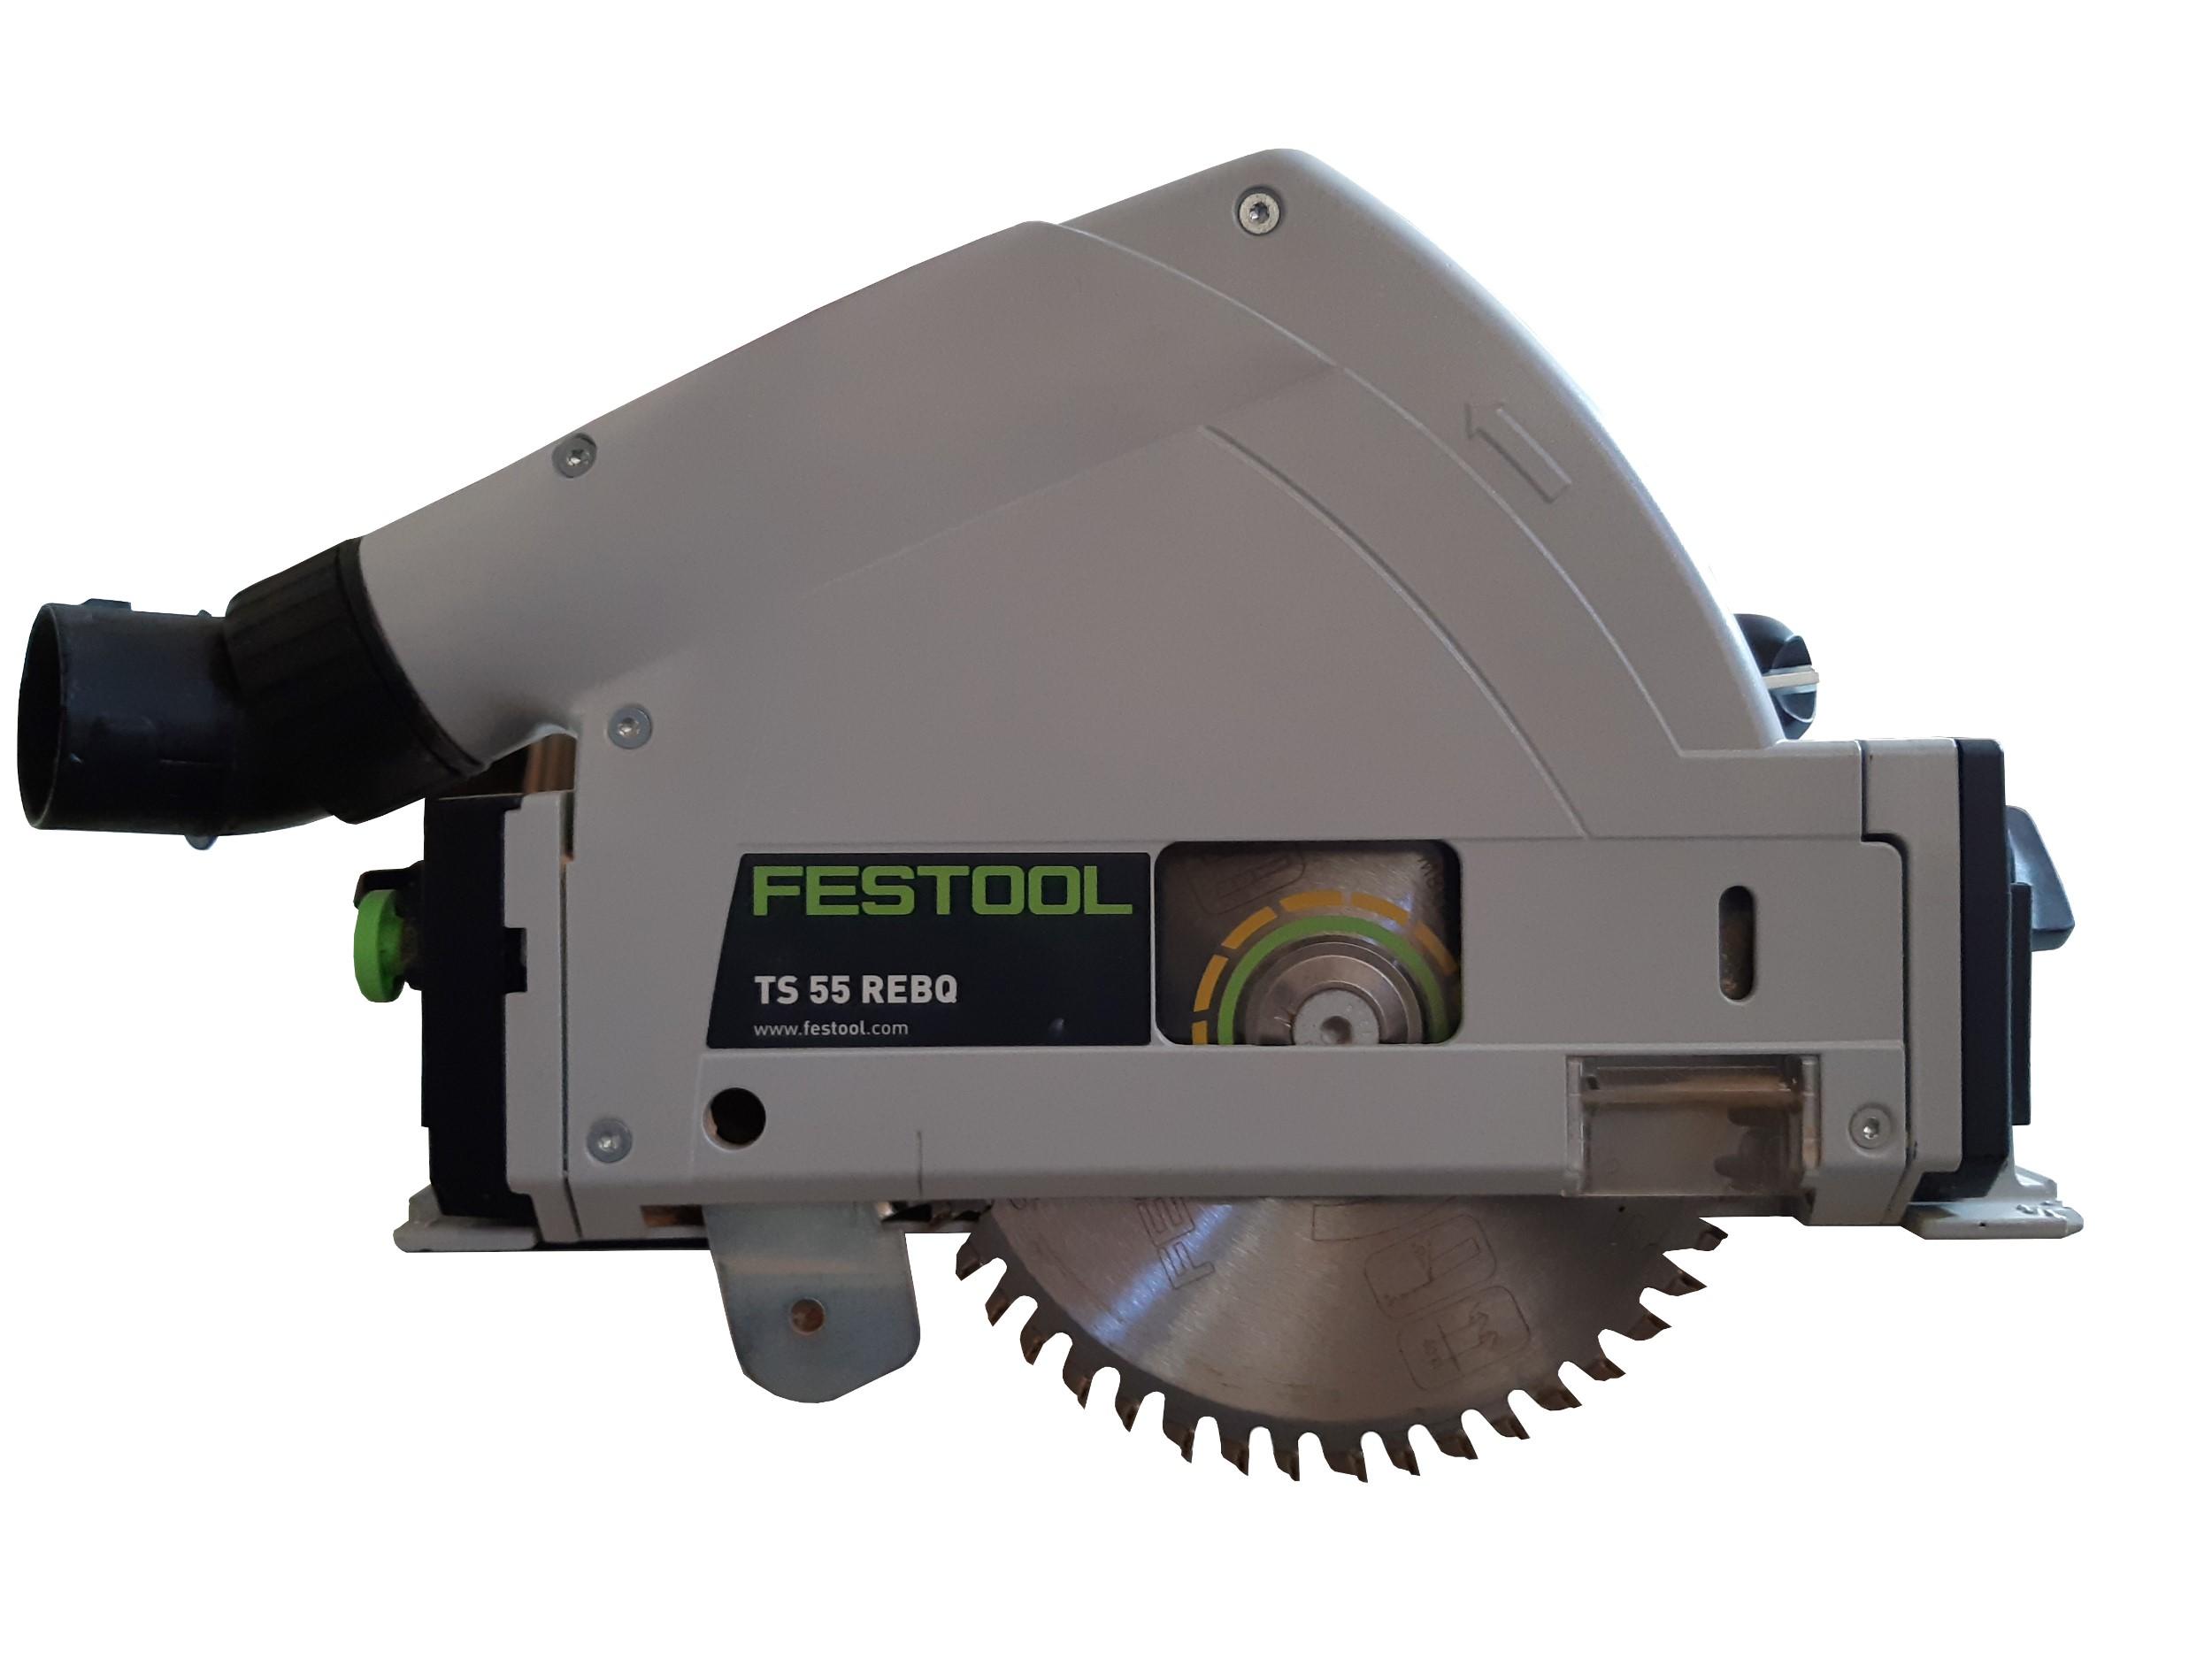 Festool TS 55 REBQ